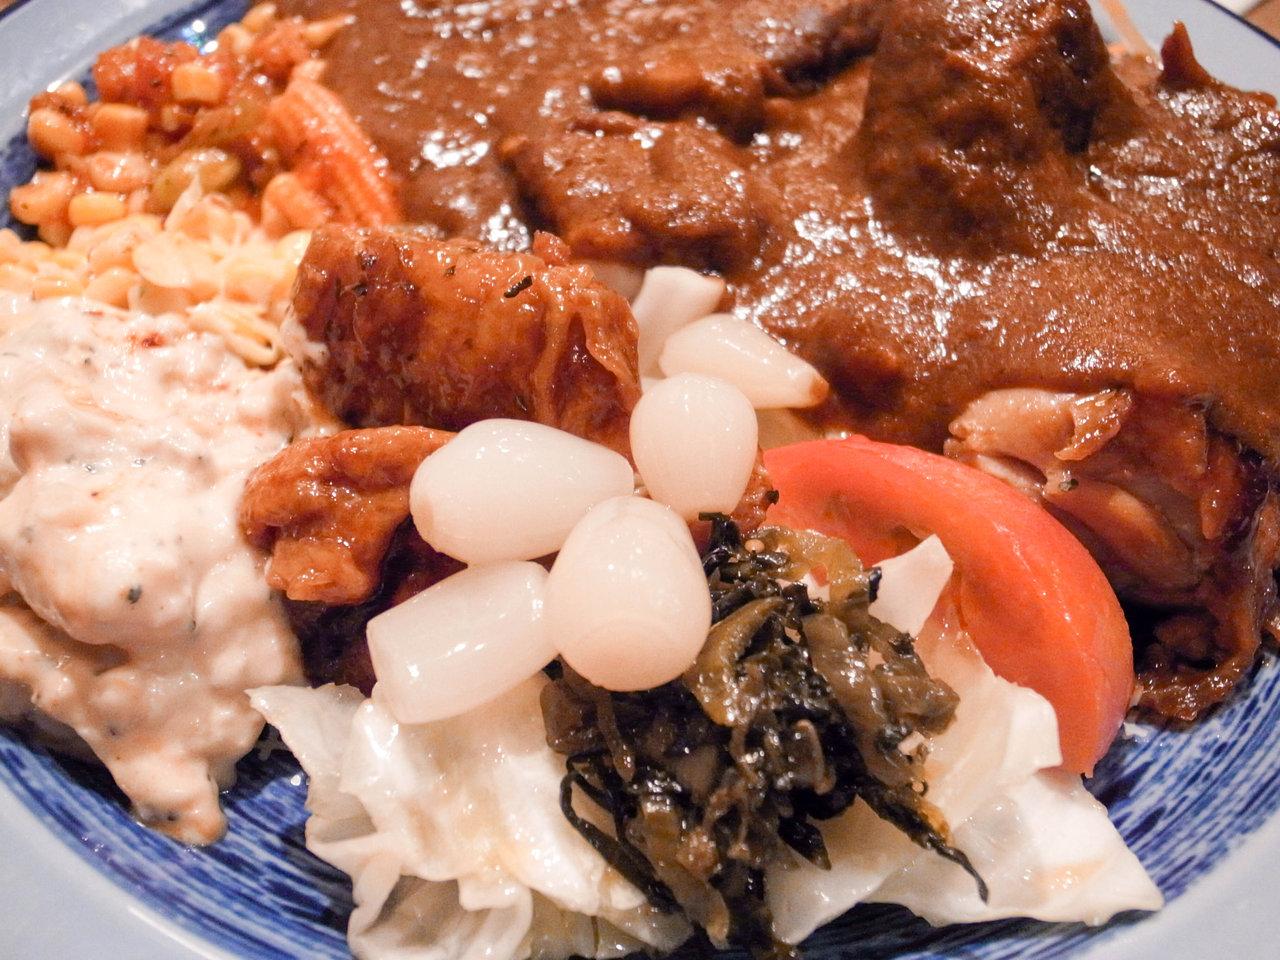 「もうやんカレー246」渋谷の食べ放題ランチはここが最強